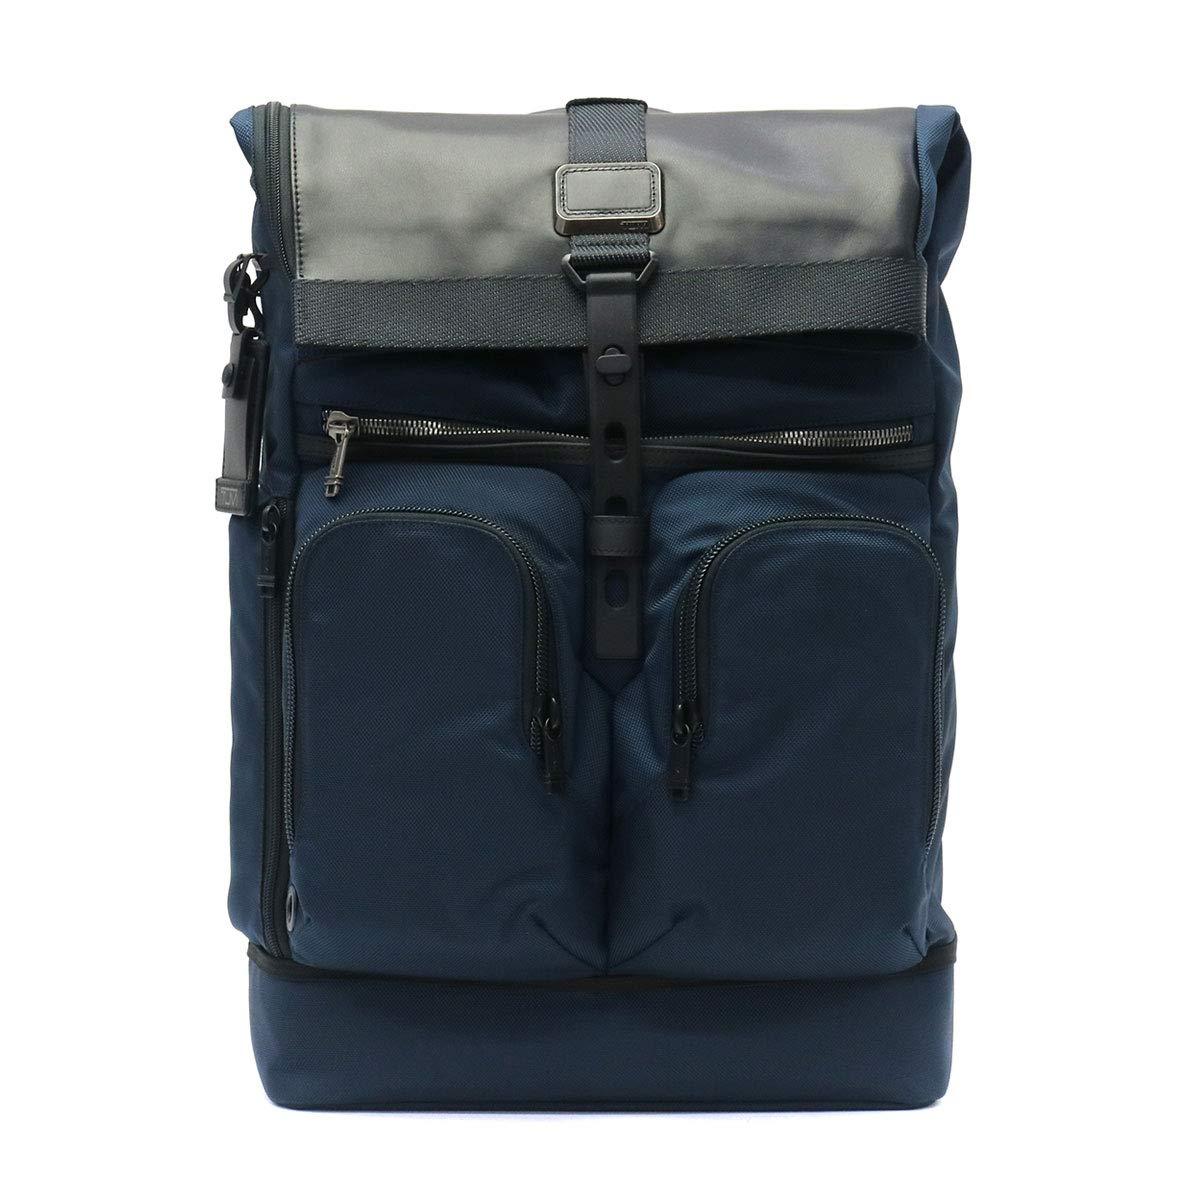 [トゥミ]TUMI アルファ ブラヴォ ALPHA BRAVO London Roll-Top Backpack リュックサック 232388 B07NFFVB5X ネイビー